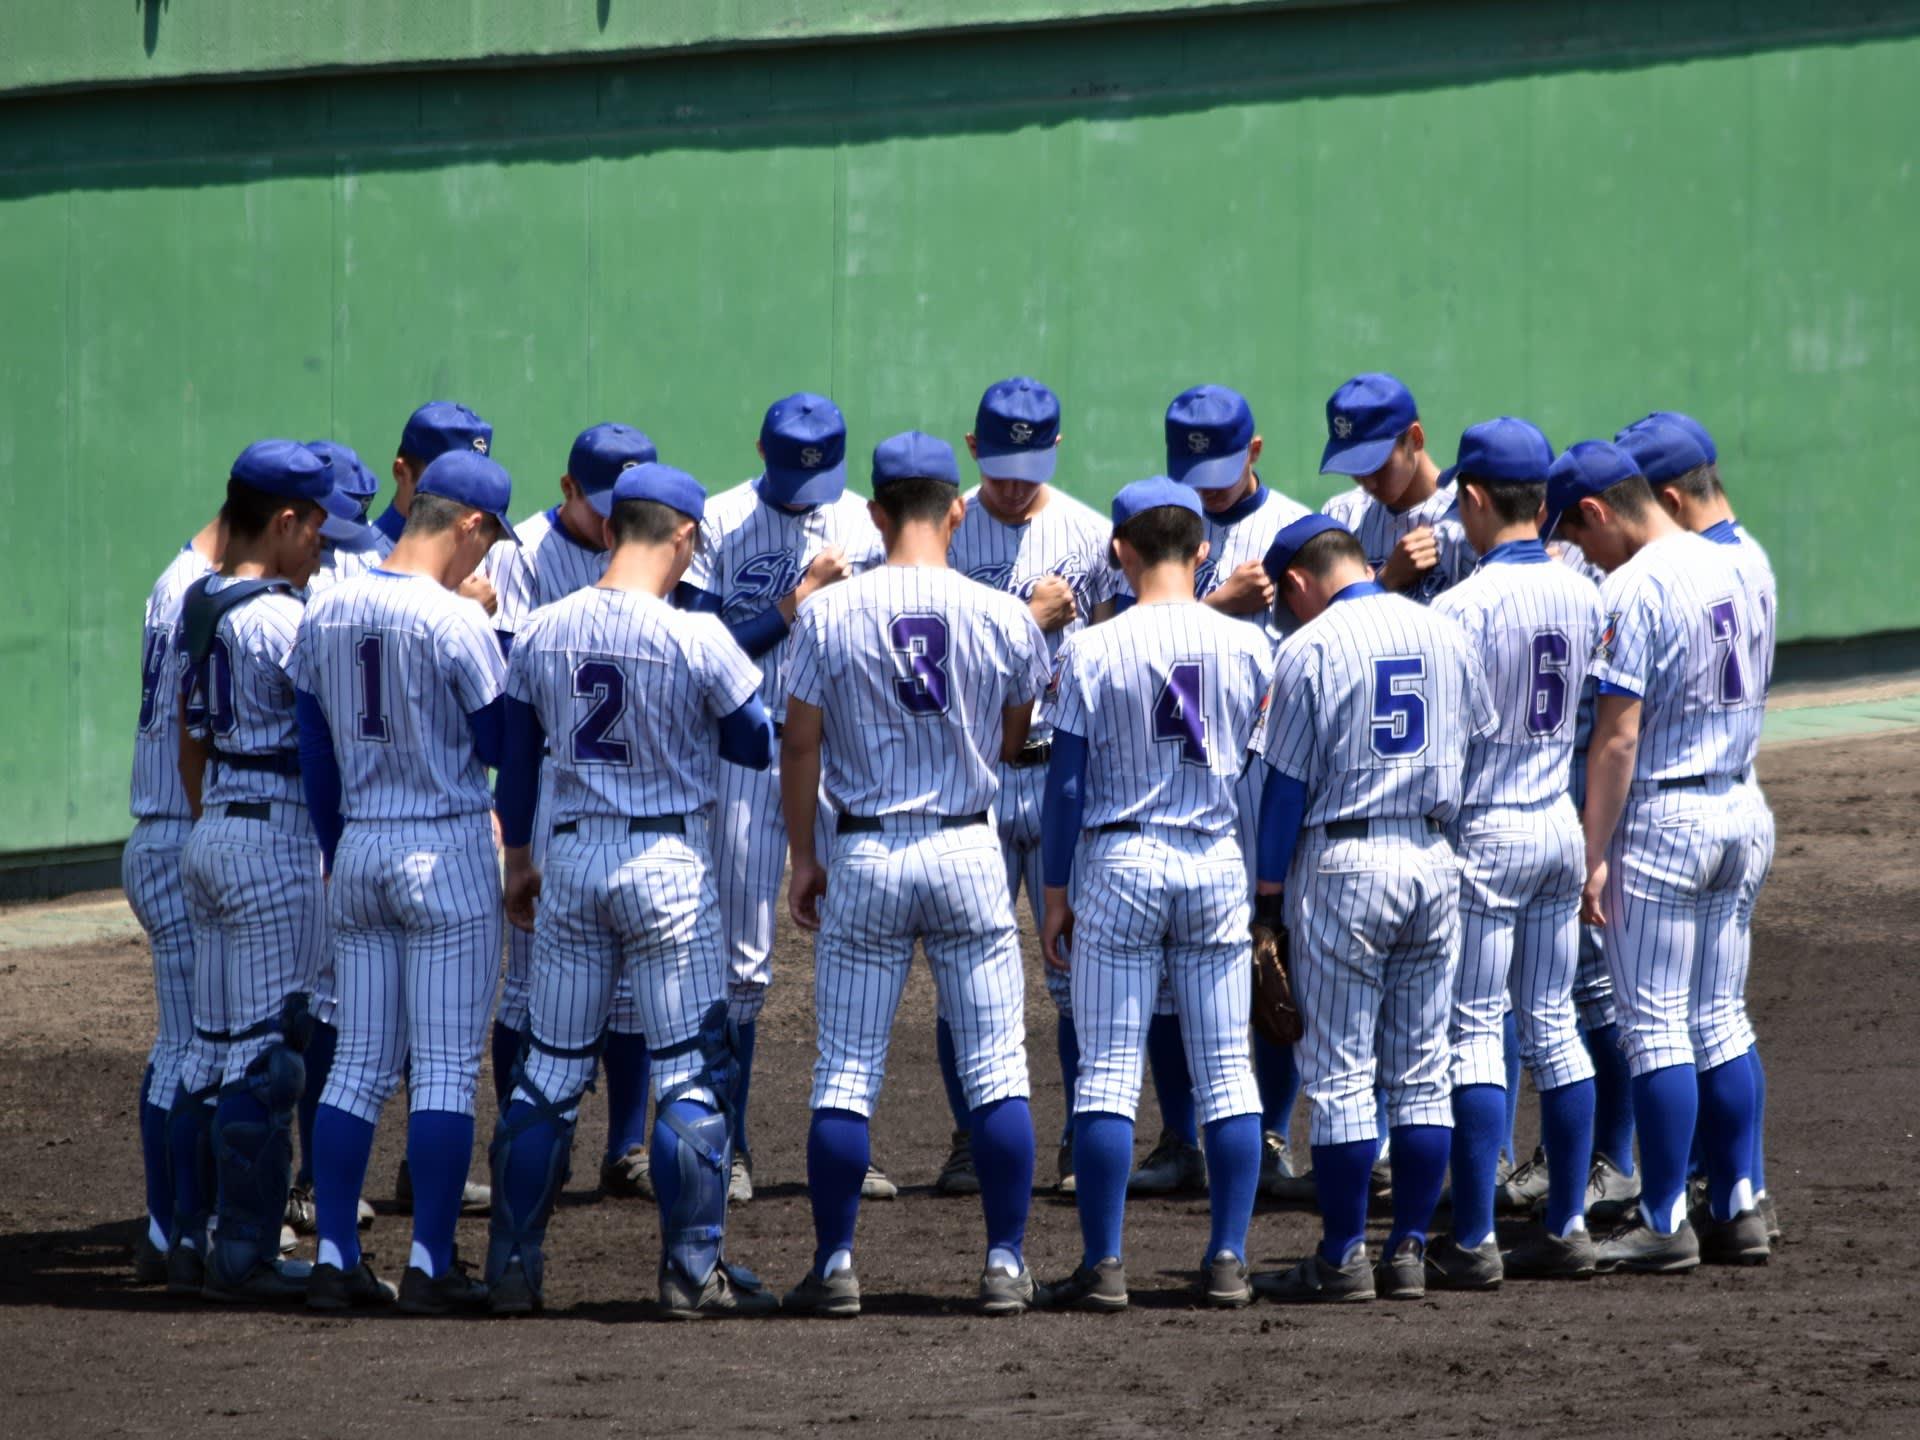 神戸 国際 大学 付属 高校 野球 部